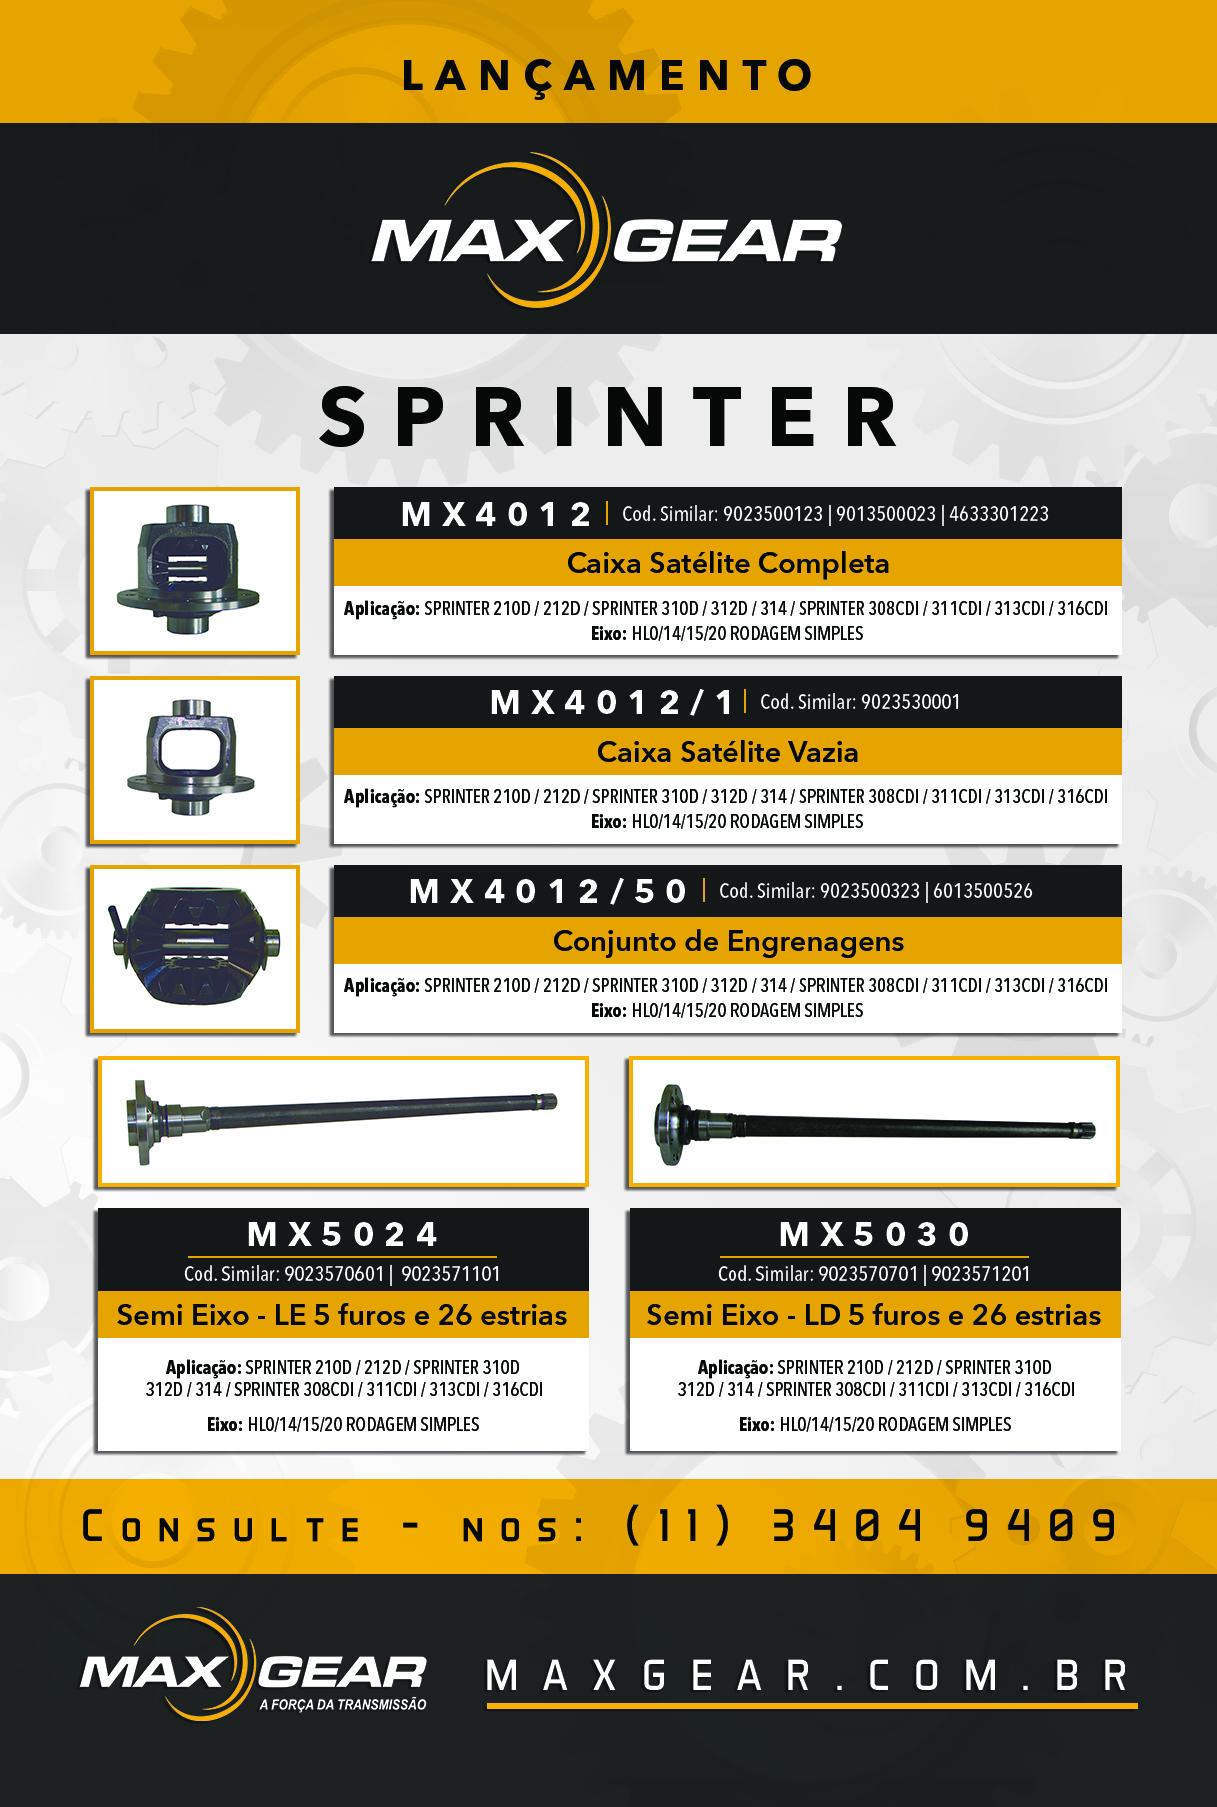 SPRINTER 210D / 212D / SPRINTER 310D / 312D / 314 / SPRINTER 308CDI / 311CDI / 313CDI / 316CD – EIXO: HL0/14/15/20 RODAGEM SIMPLES